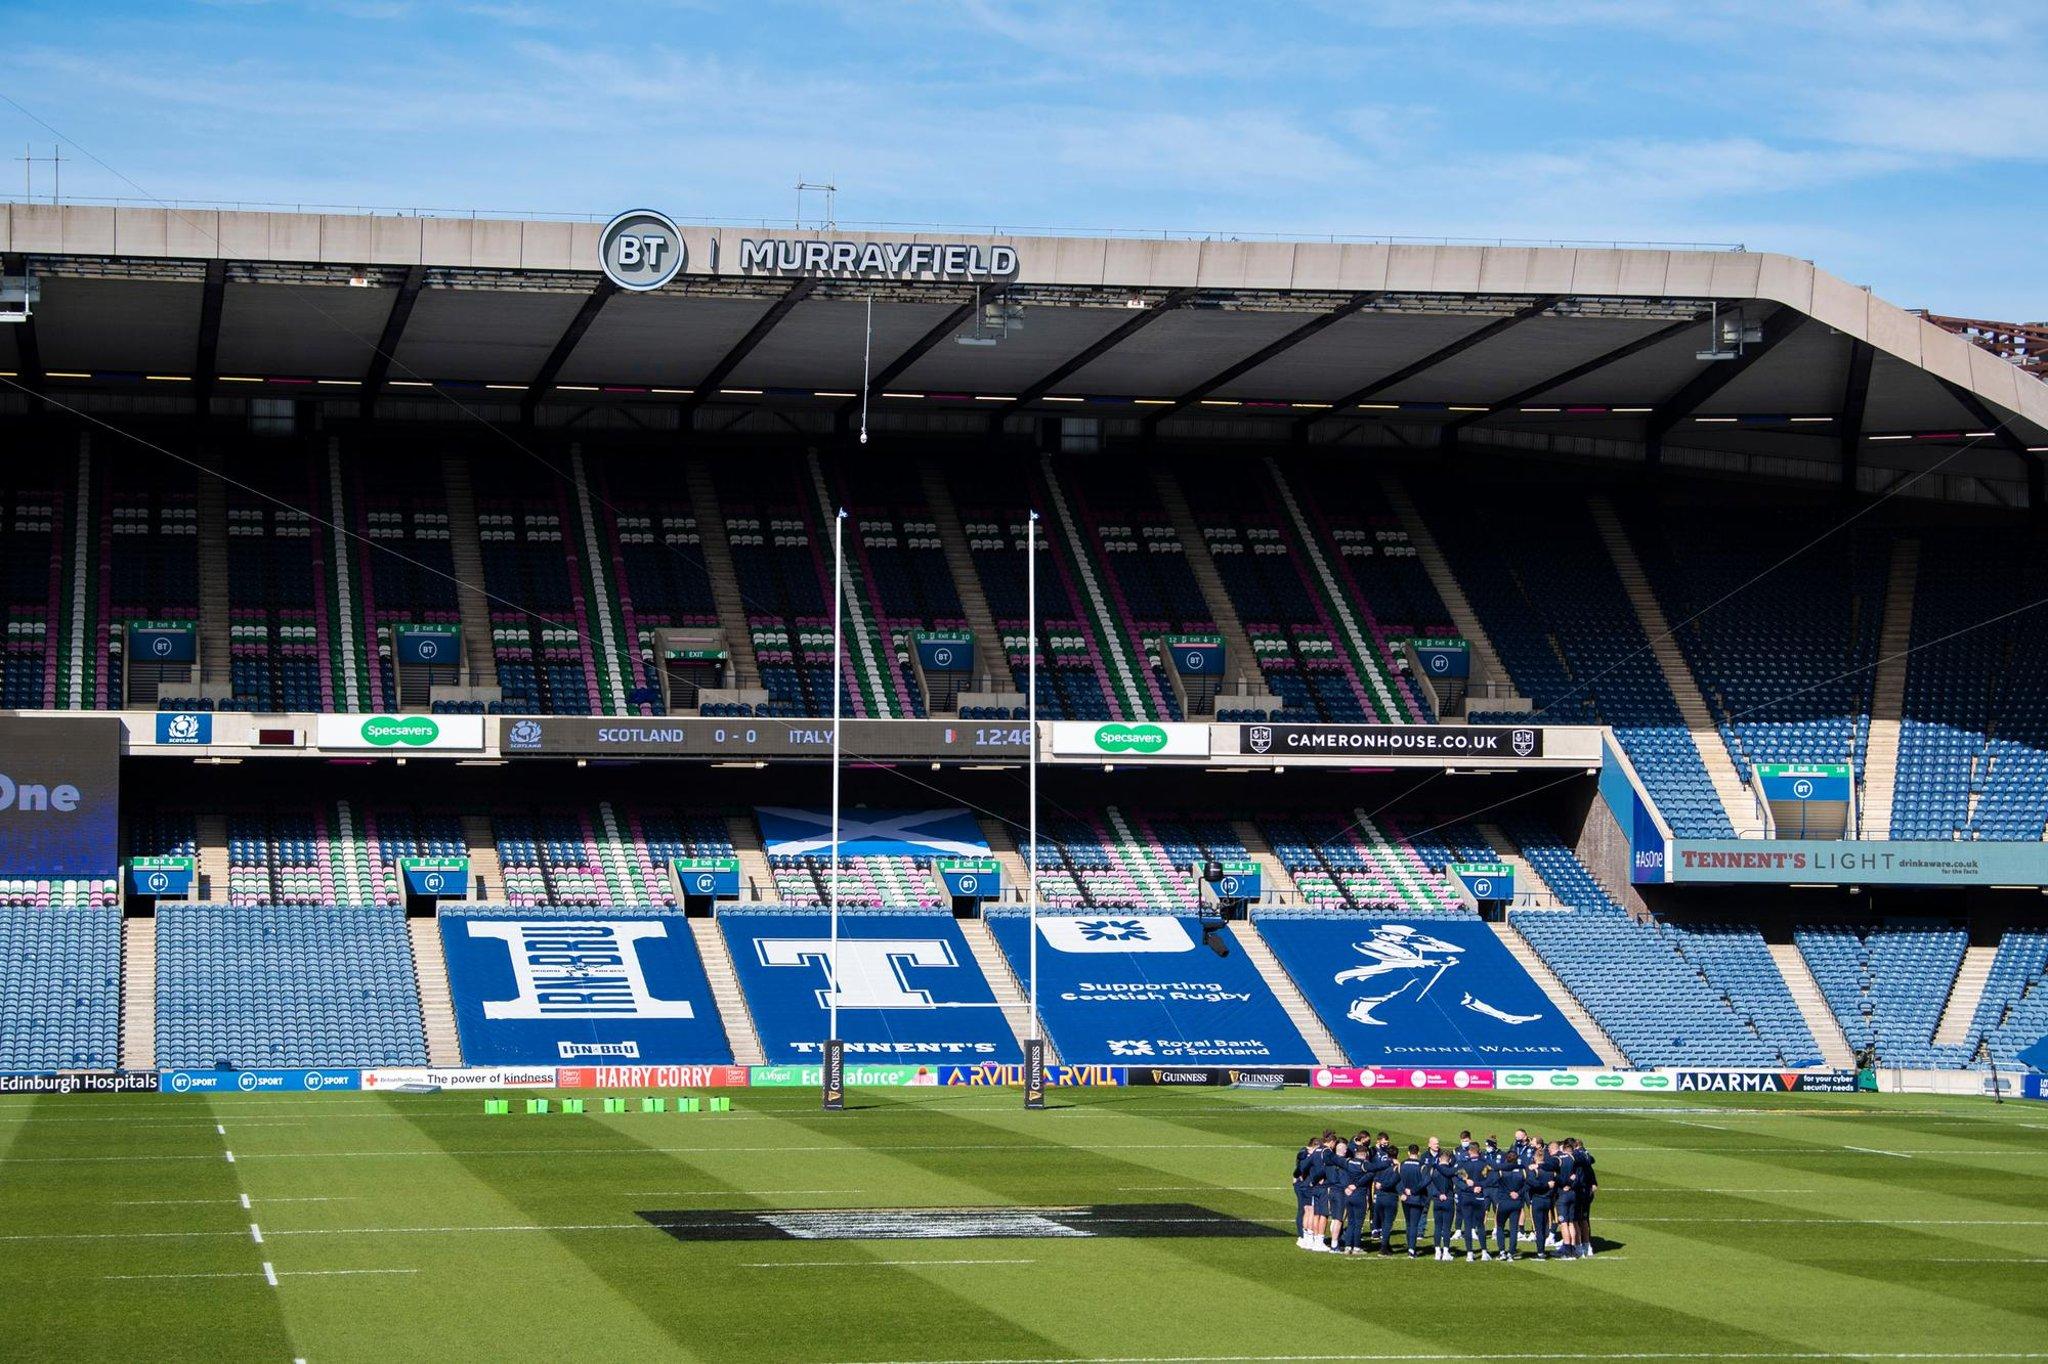 Pertandingan Seri Negara Musim Gugur Skotlandia mendapatkan penyiar audio baru untuk tiga tahun ke depan saat talkSPORT mengambil haknya